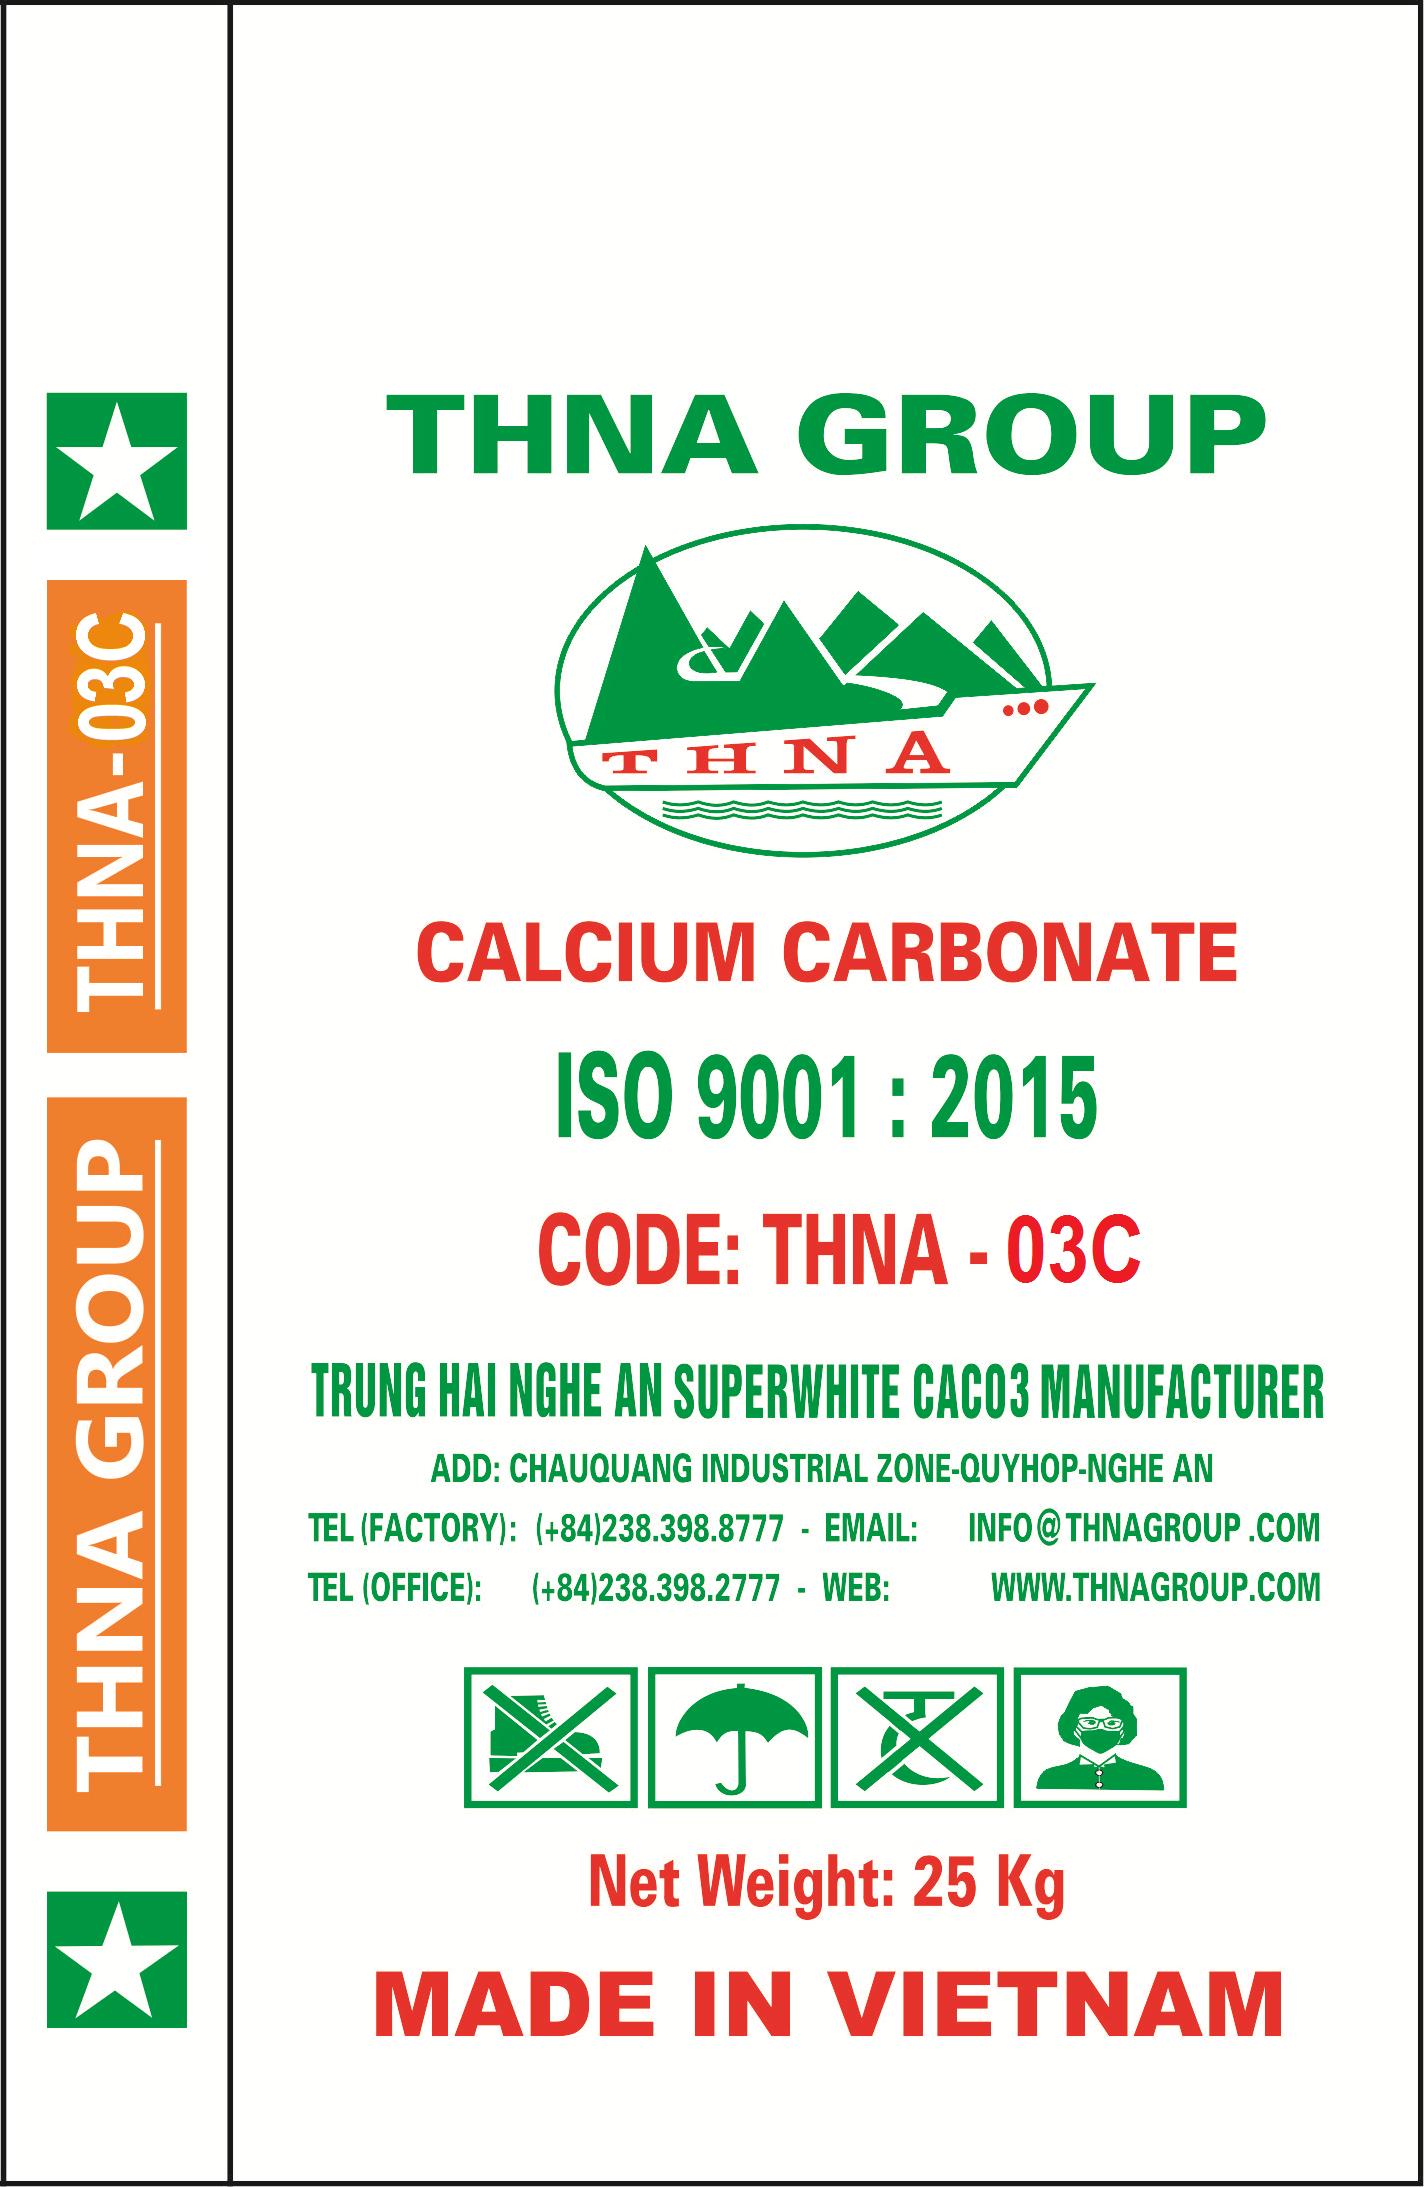 THNA-03C